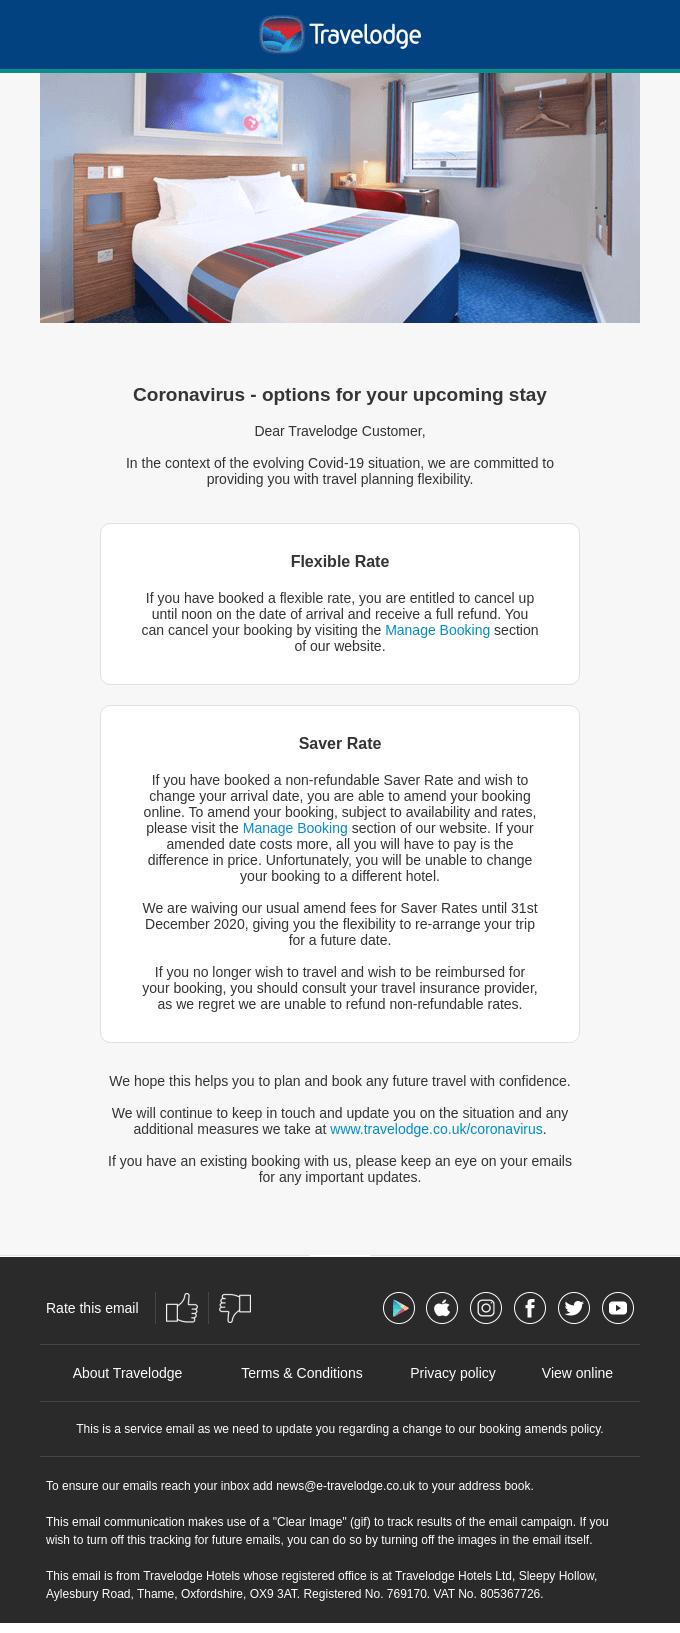 Travelodge Email Marketing